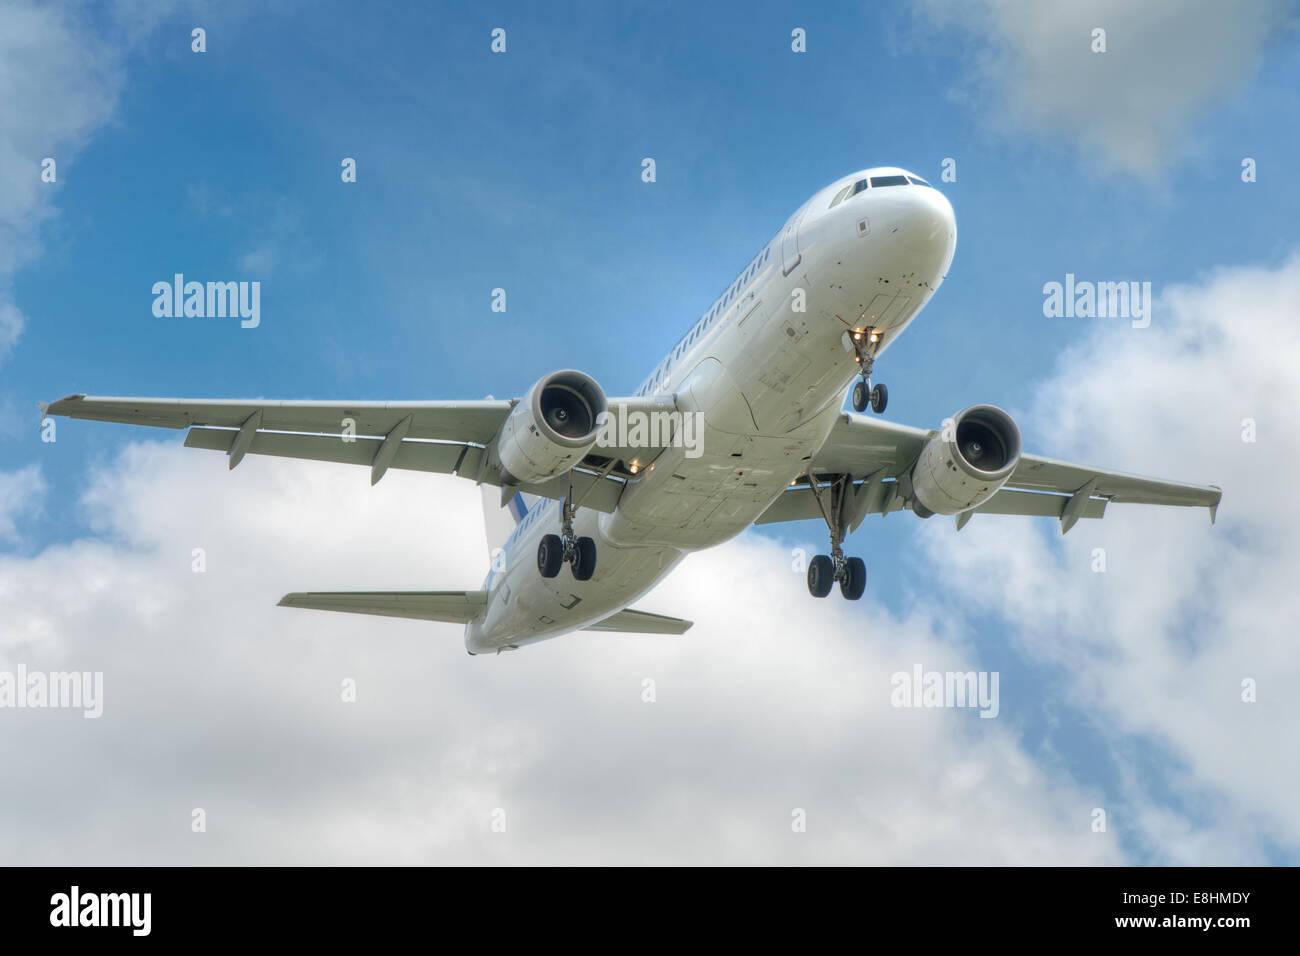 Big jet plane taking off sur bleu ciel nuageux nackground Banque D'Images